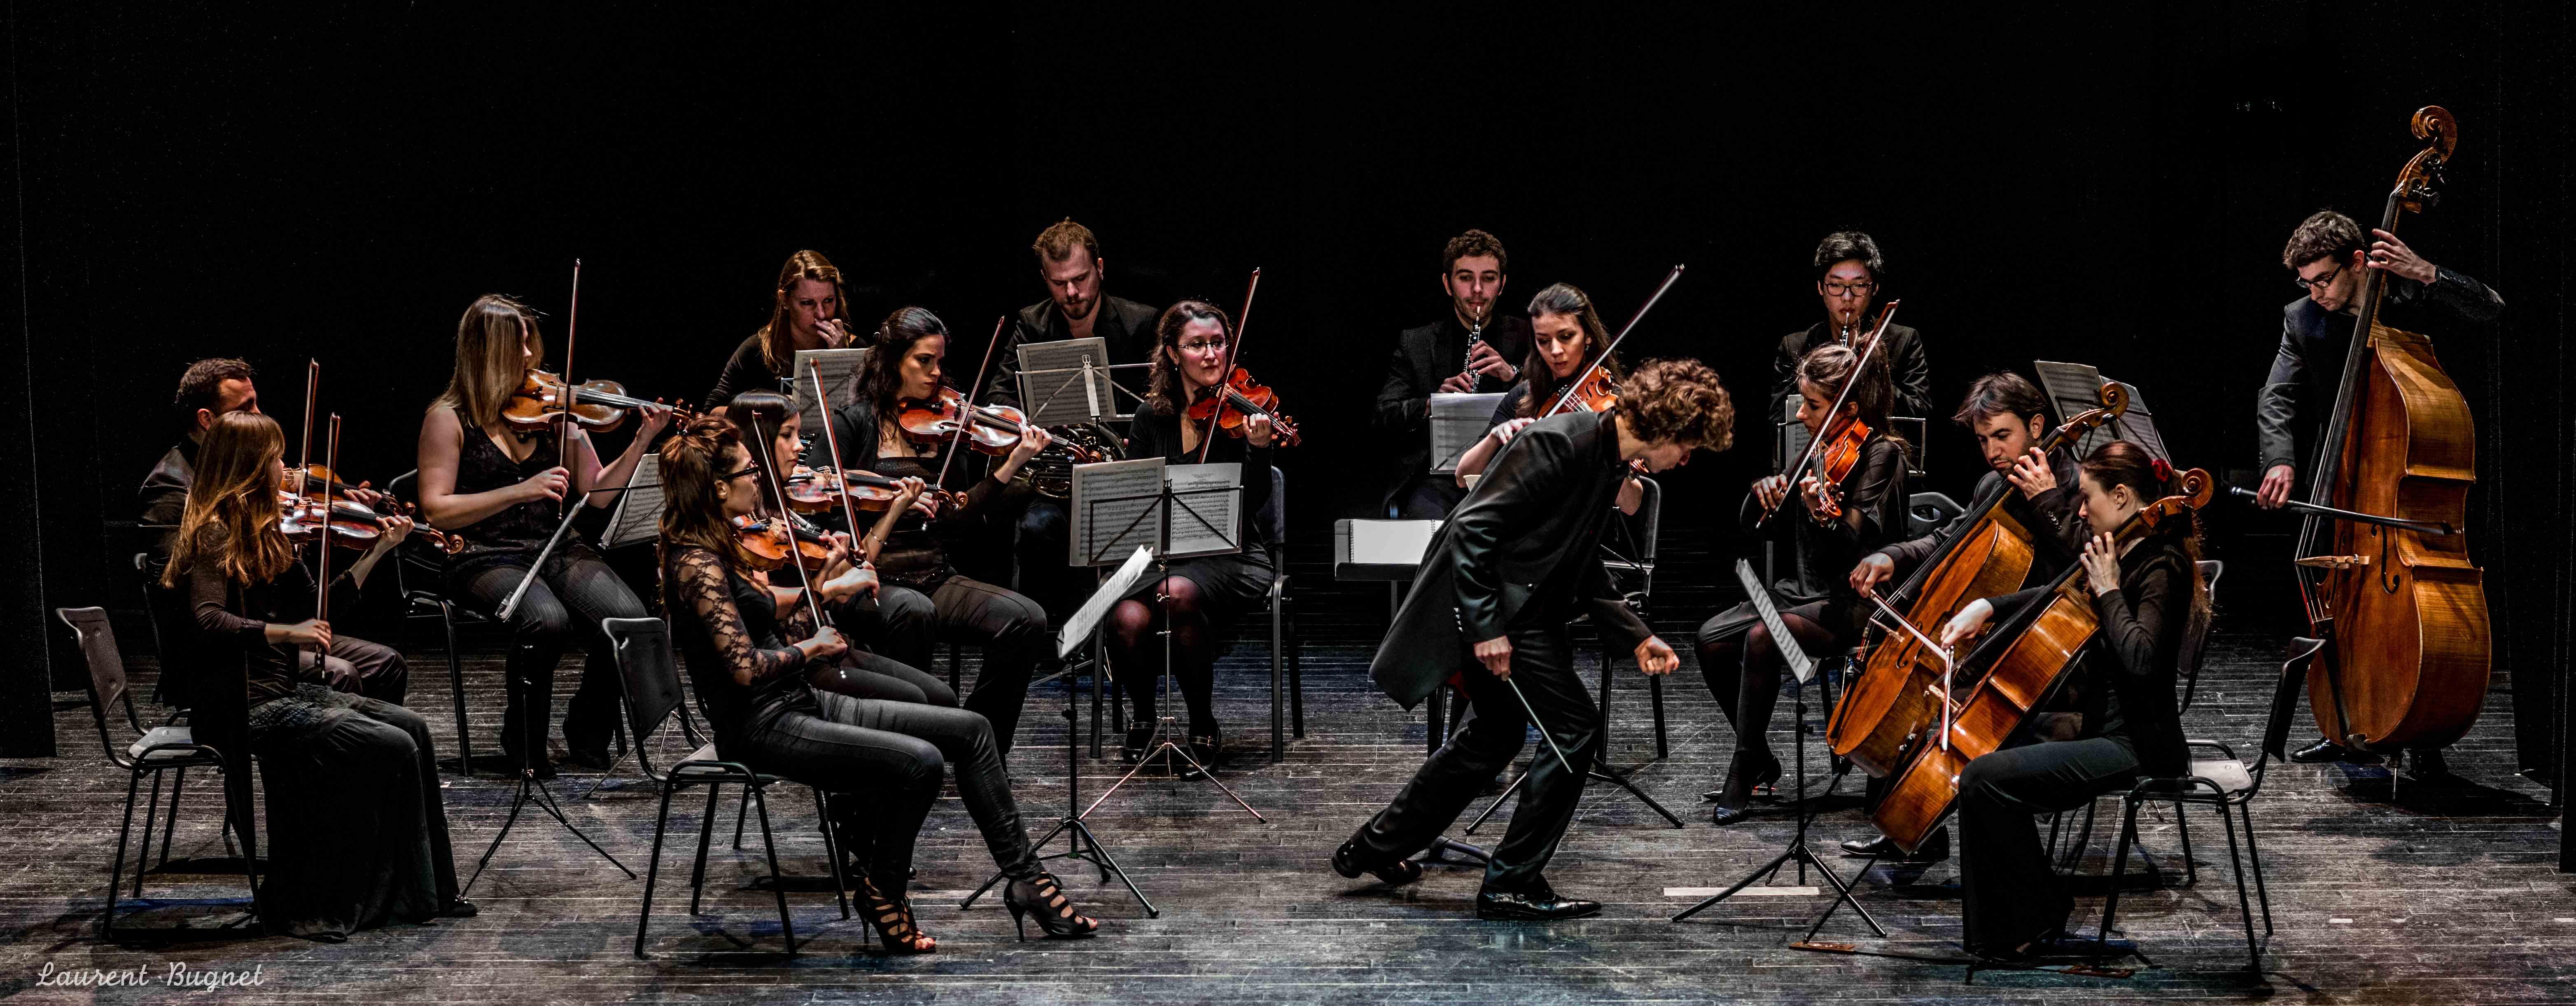 Orchestre de Chambre Laurent Bugnet